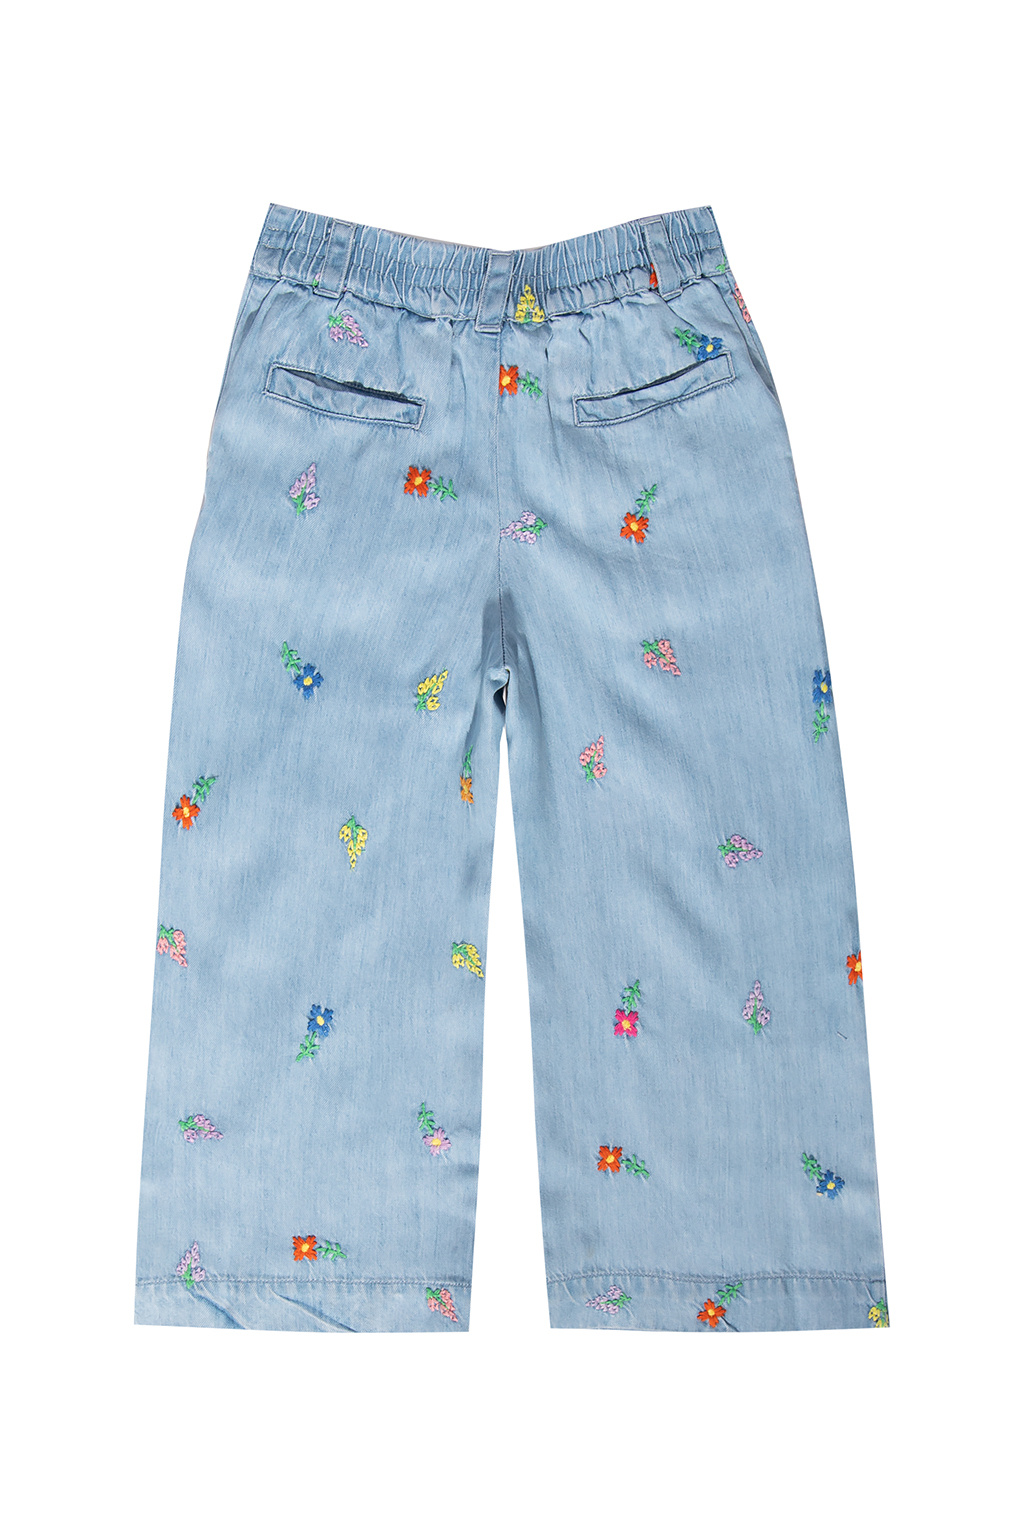 Stella McCartney Kids Jeansy z wyszytym wzorem